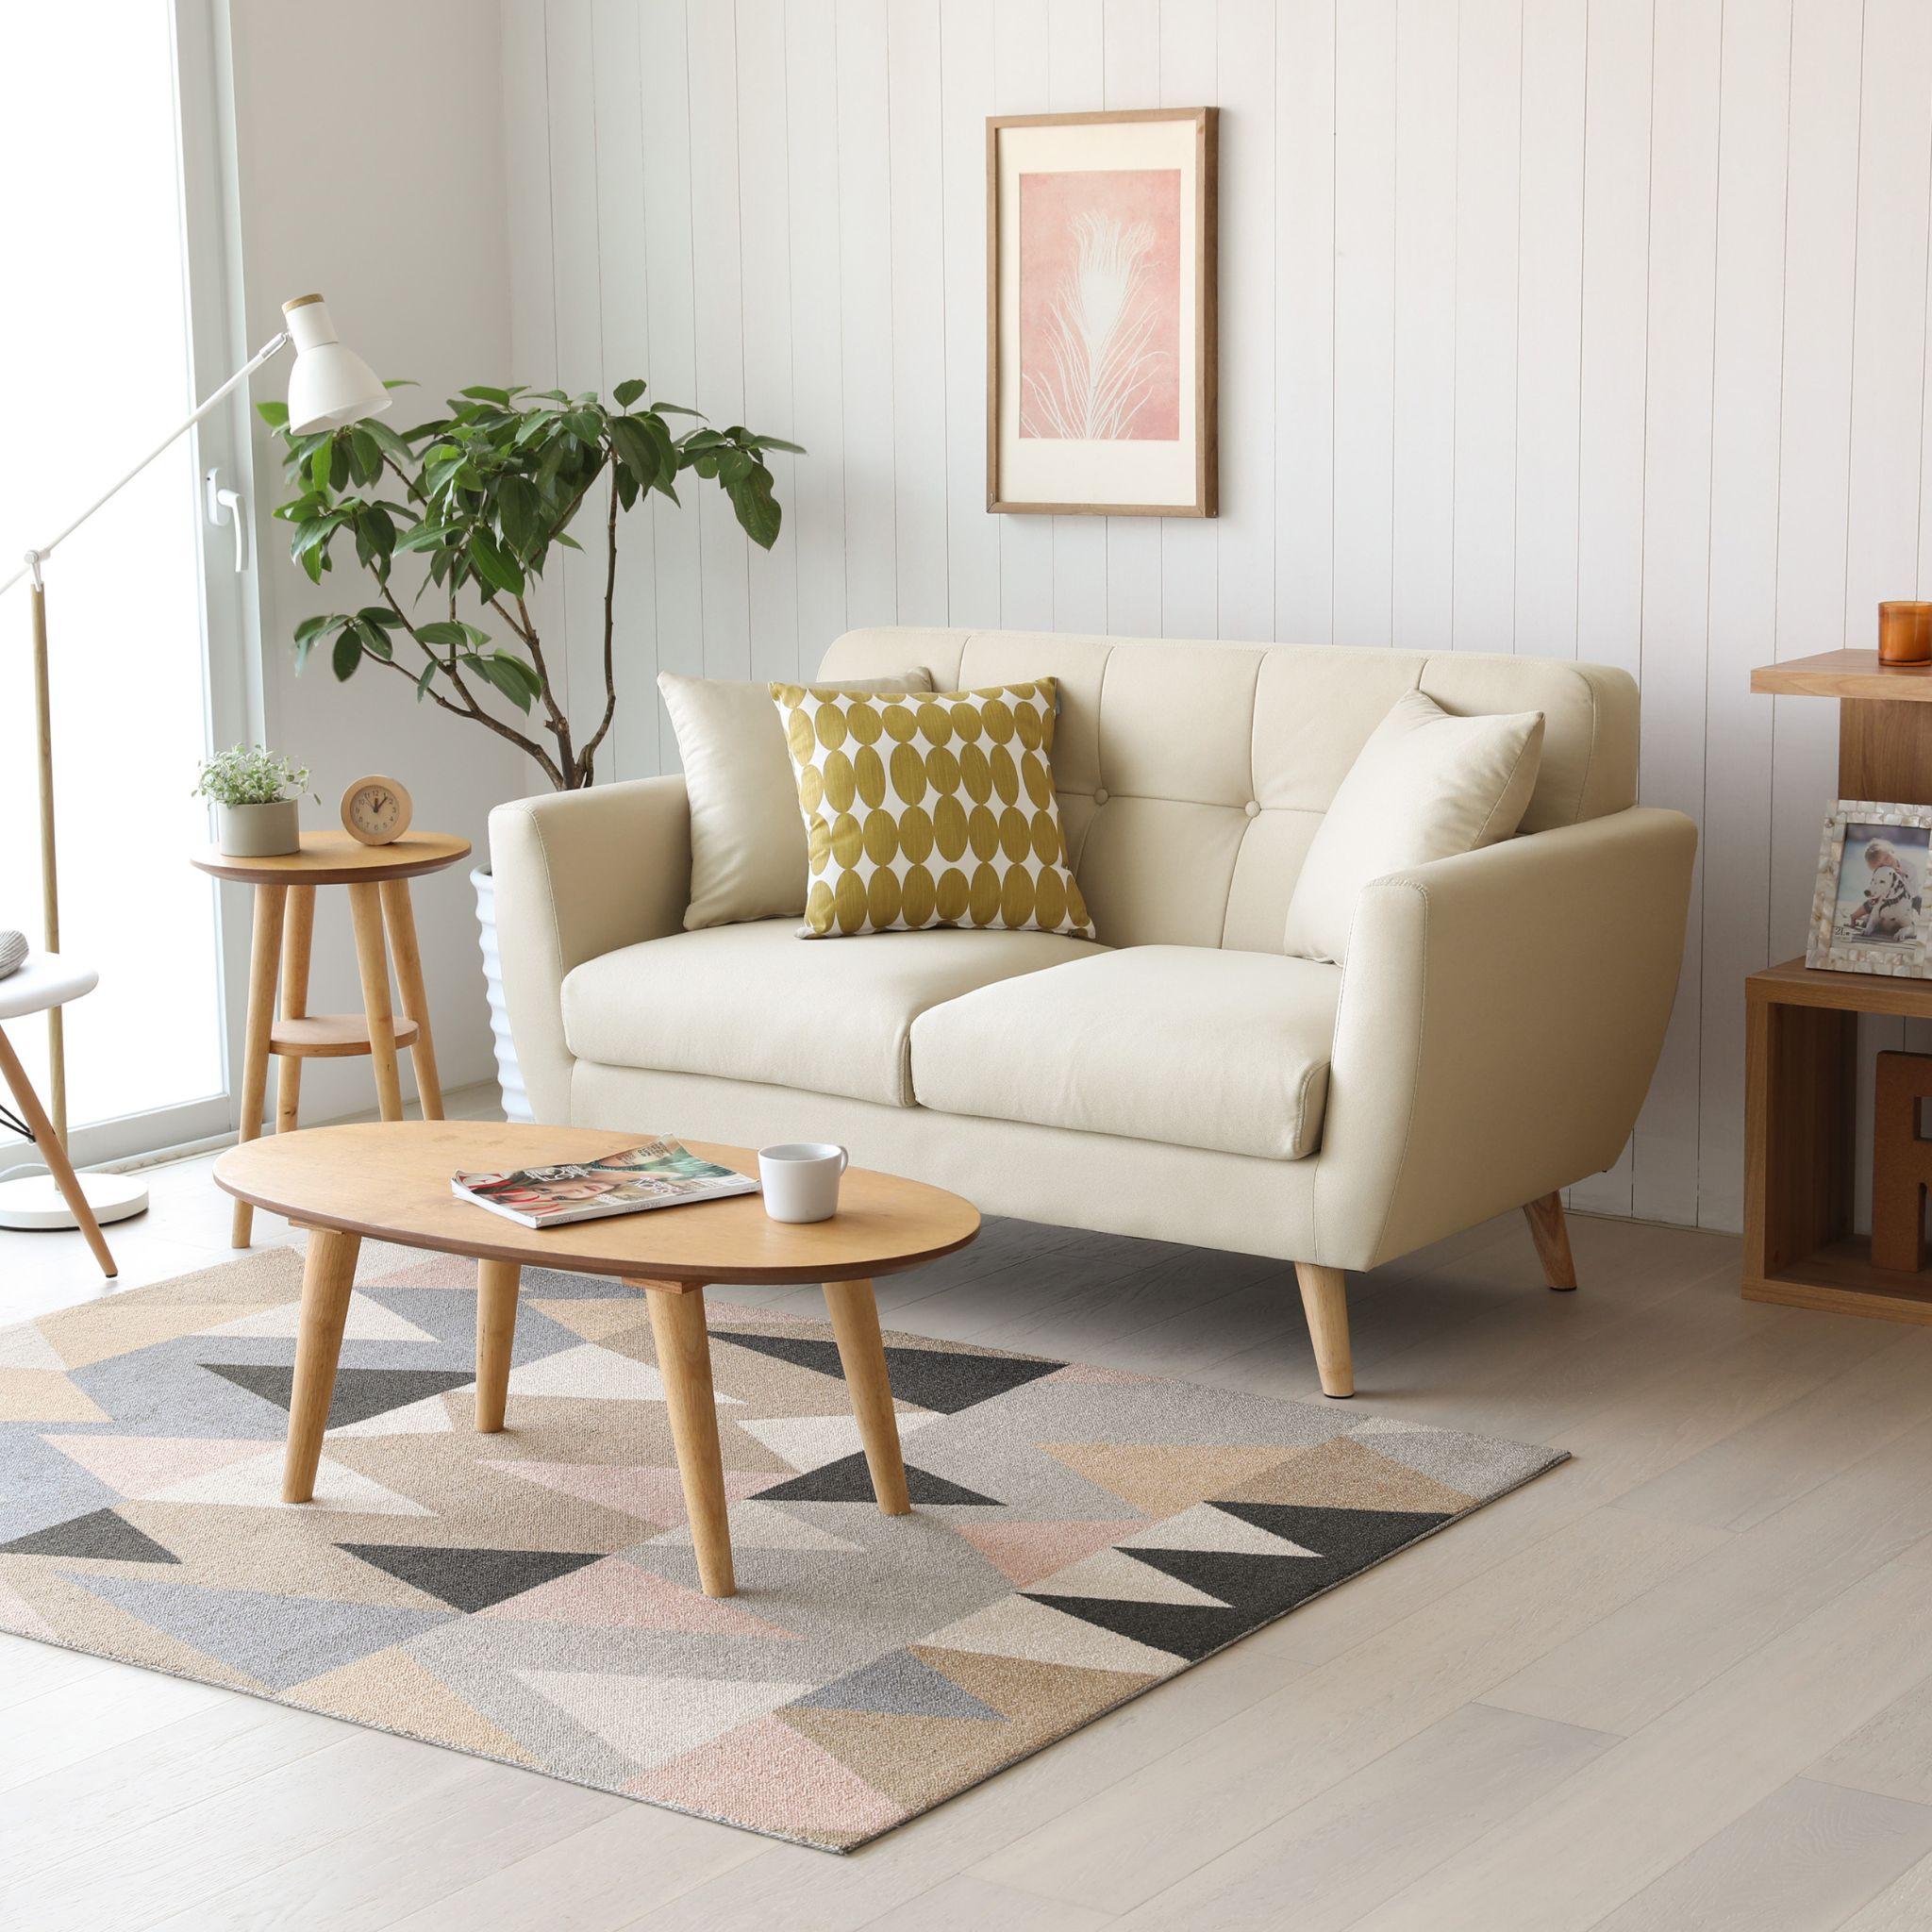 Sofa Mäs decorado de manera Lagom.